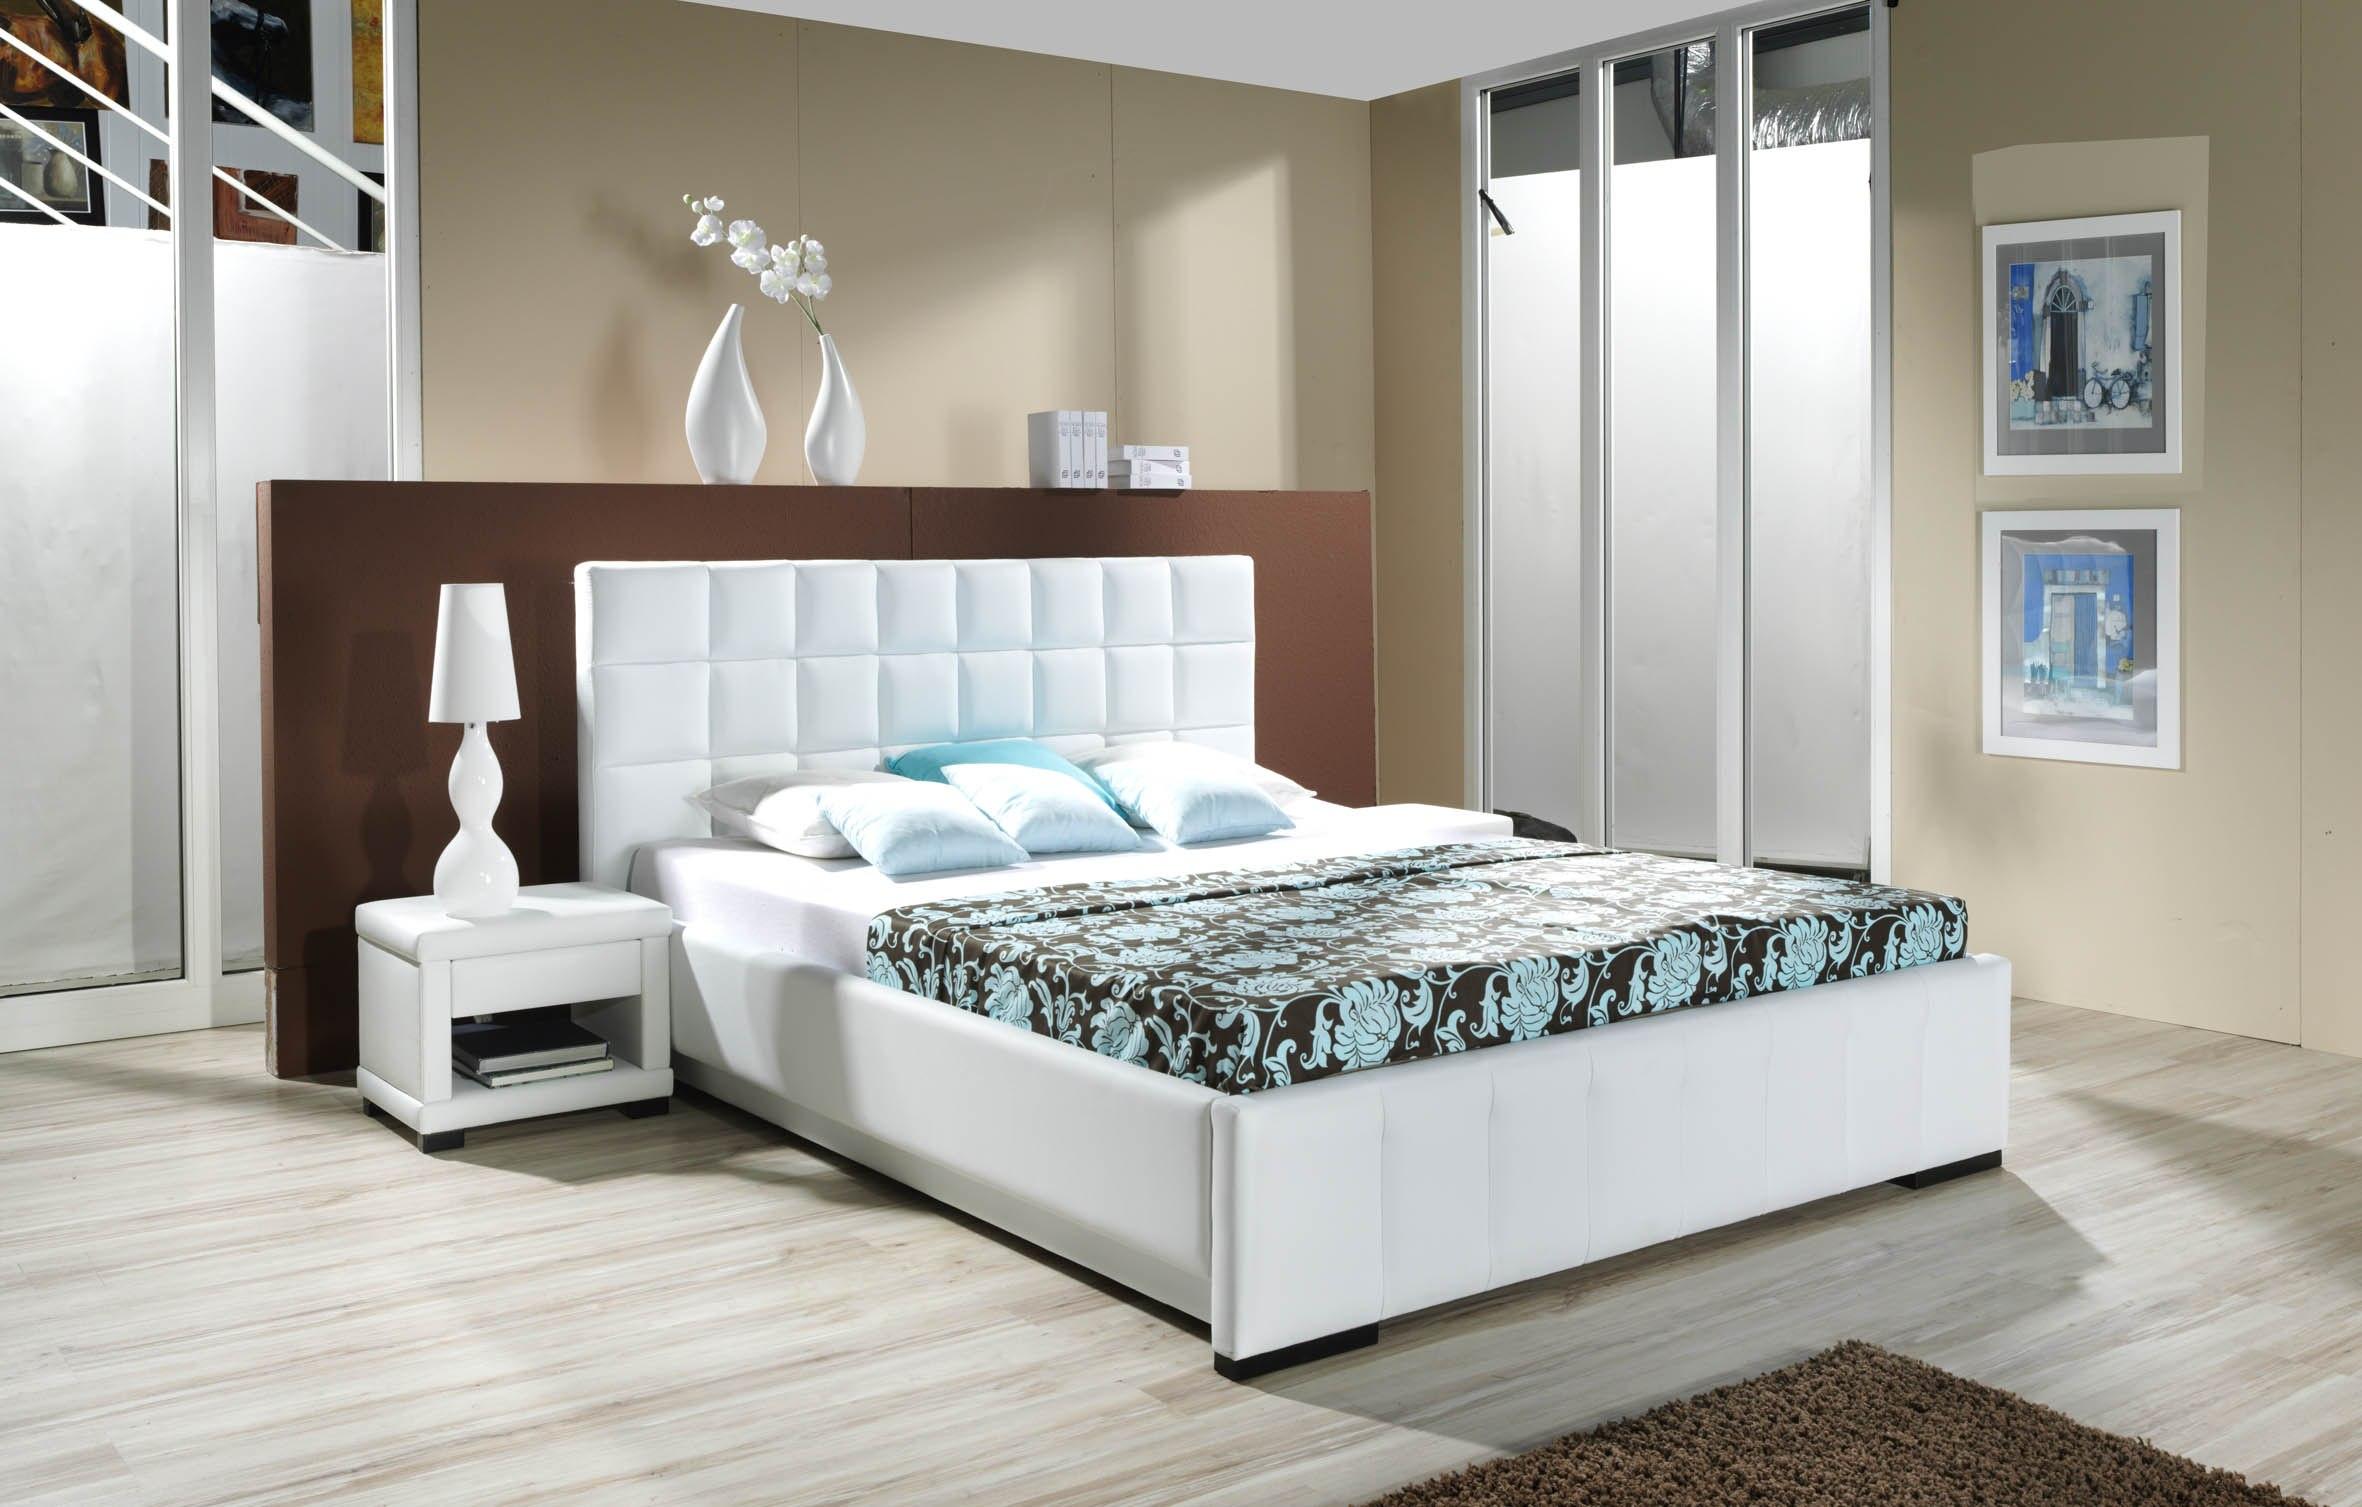 بالصور ديكورات غرف نوم للعرسان , اجمل تصميمات غرف النوم الرئيسية 2932 2